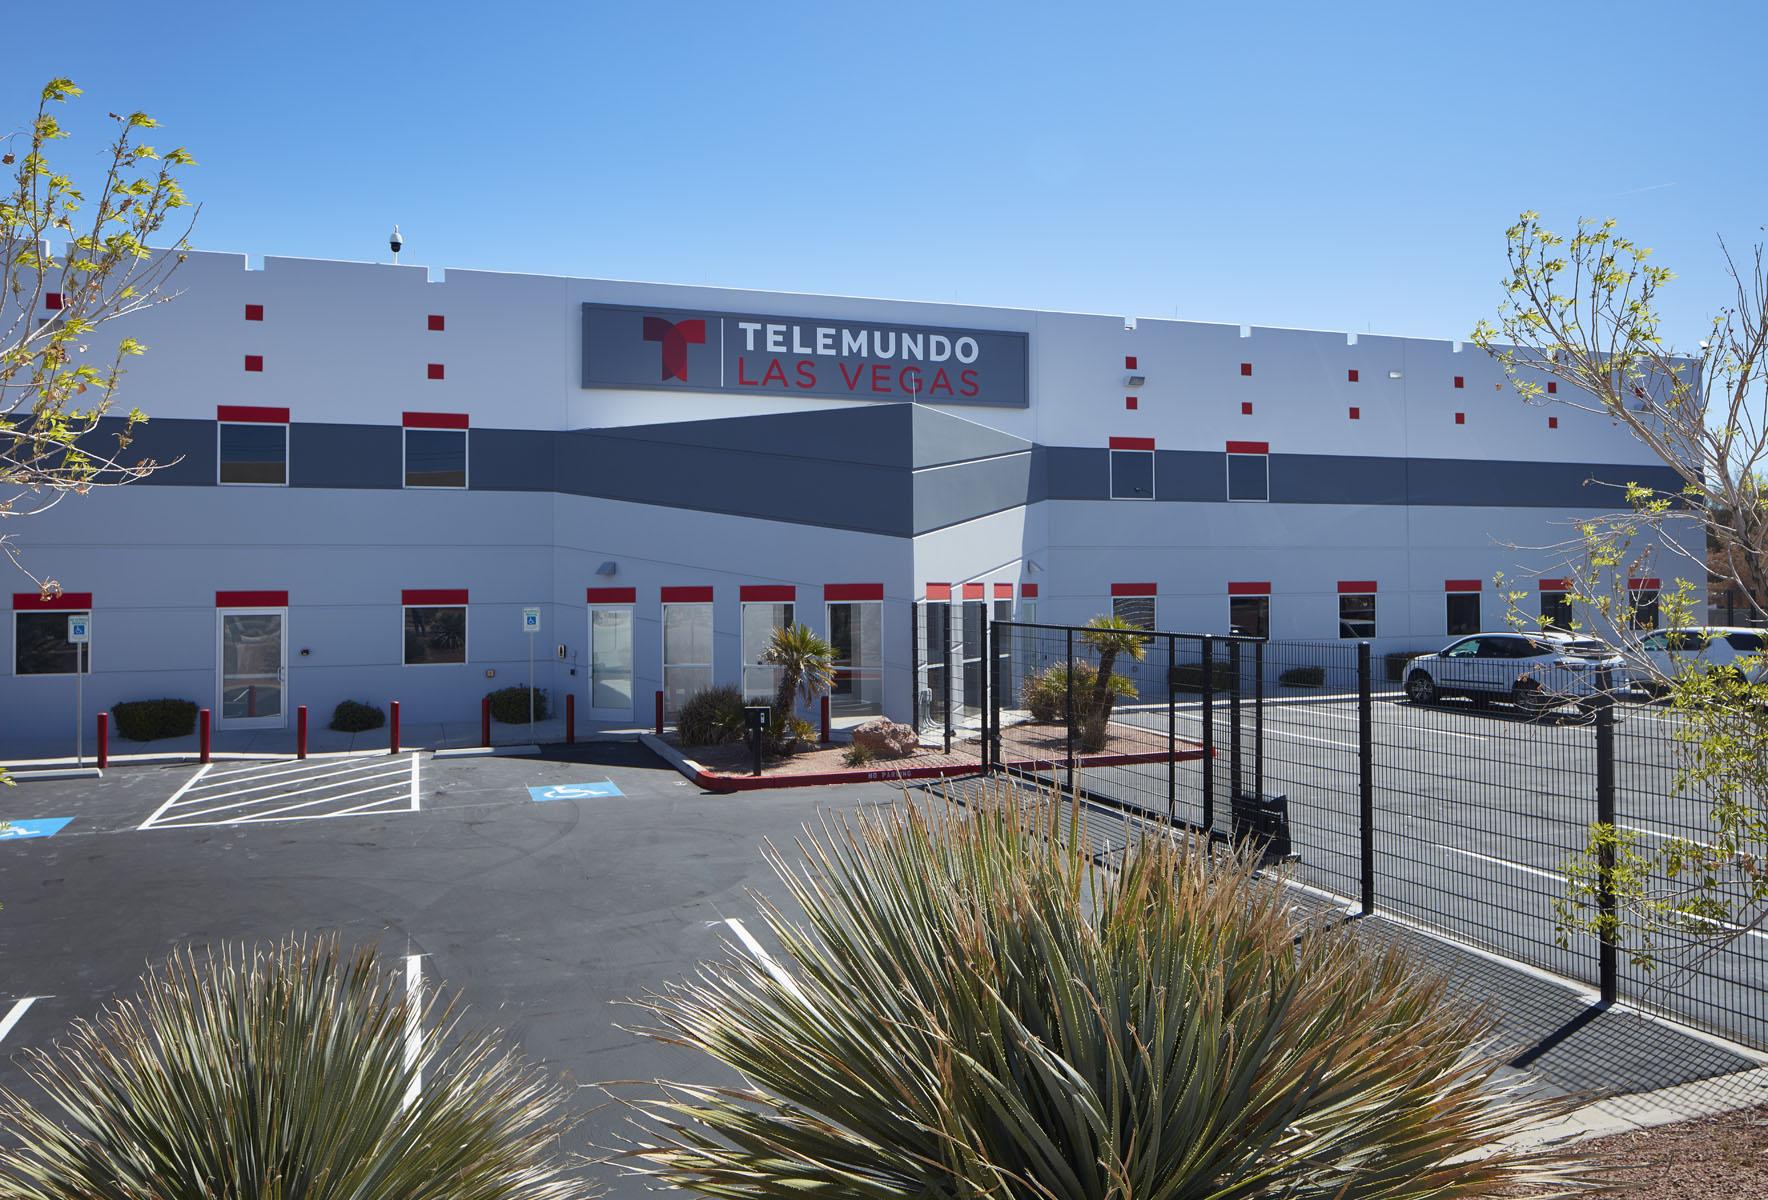 Dempsey Telemundo Las Vegas